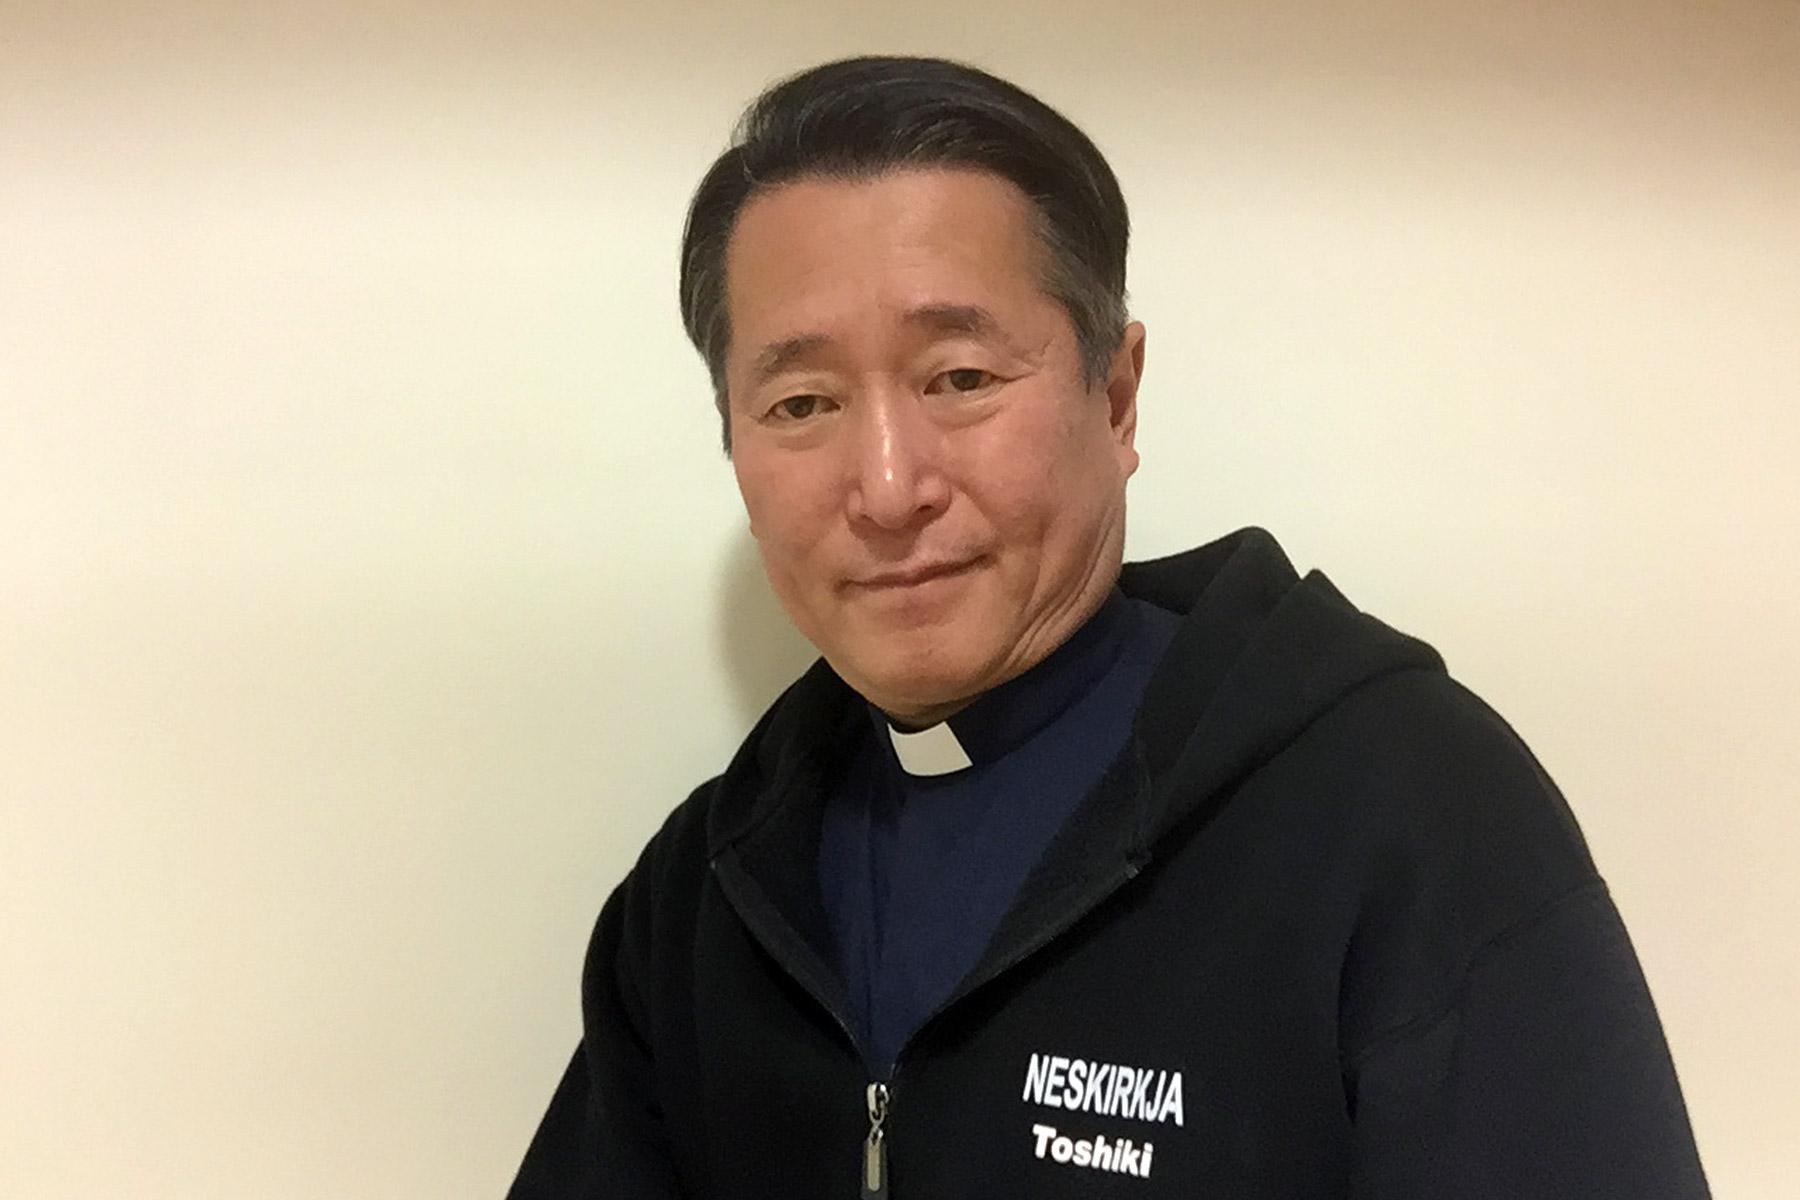 Rev. Toshiki Toma